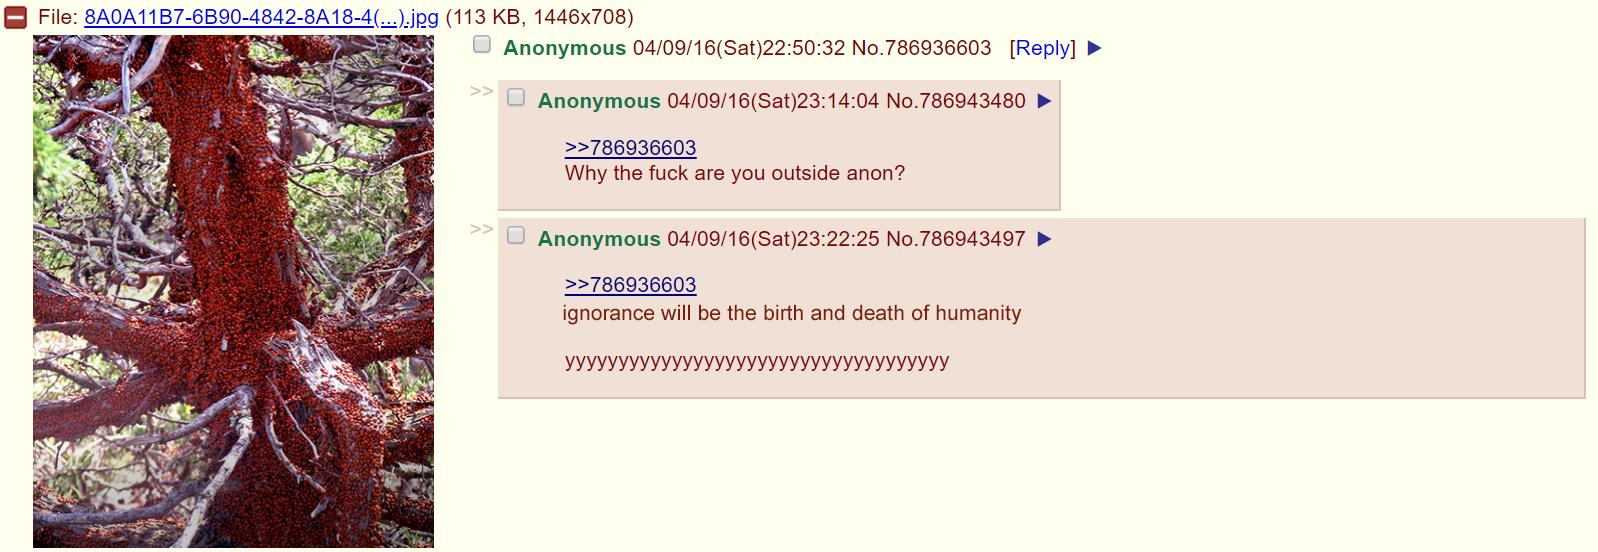 4chan%2012%203